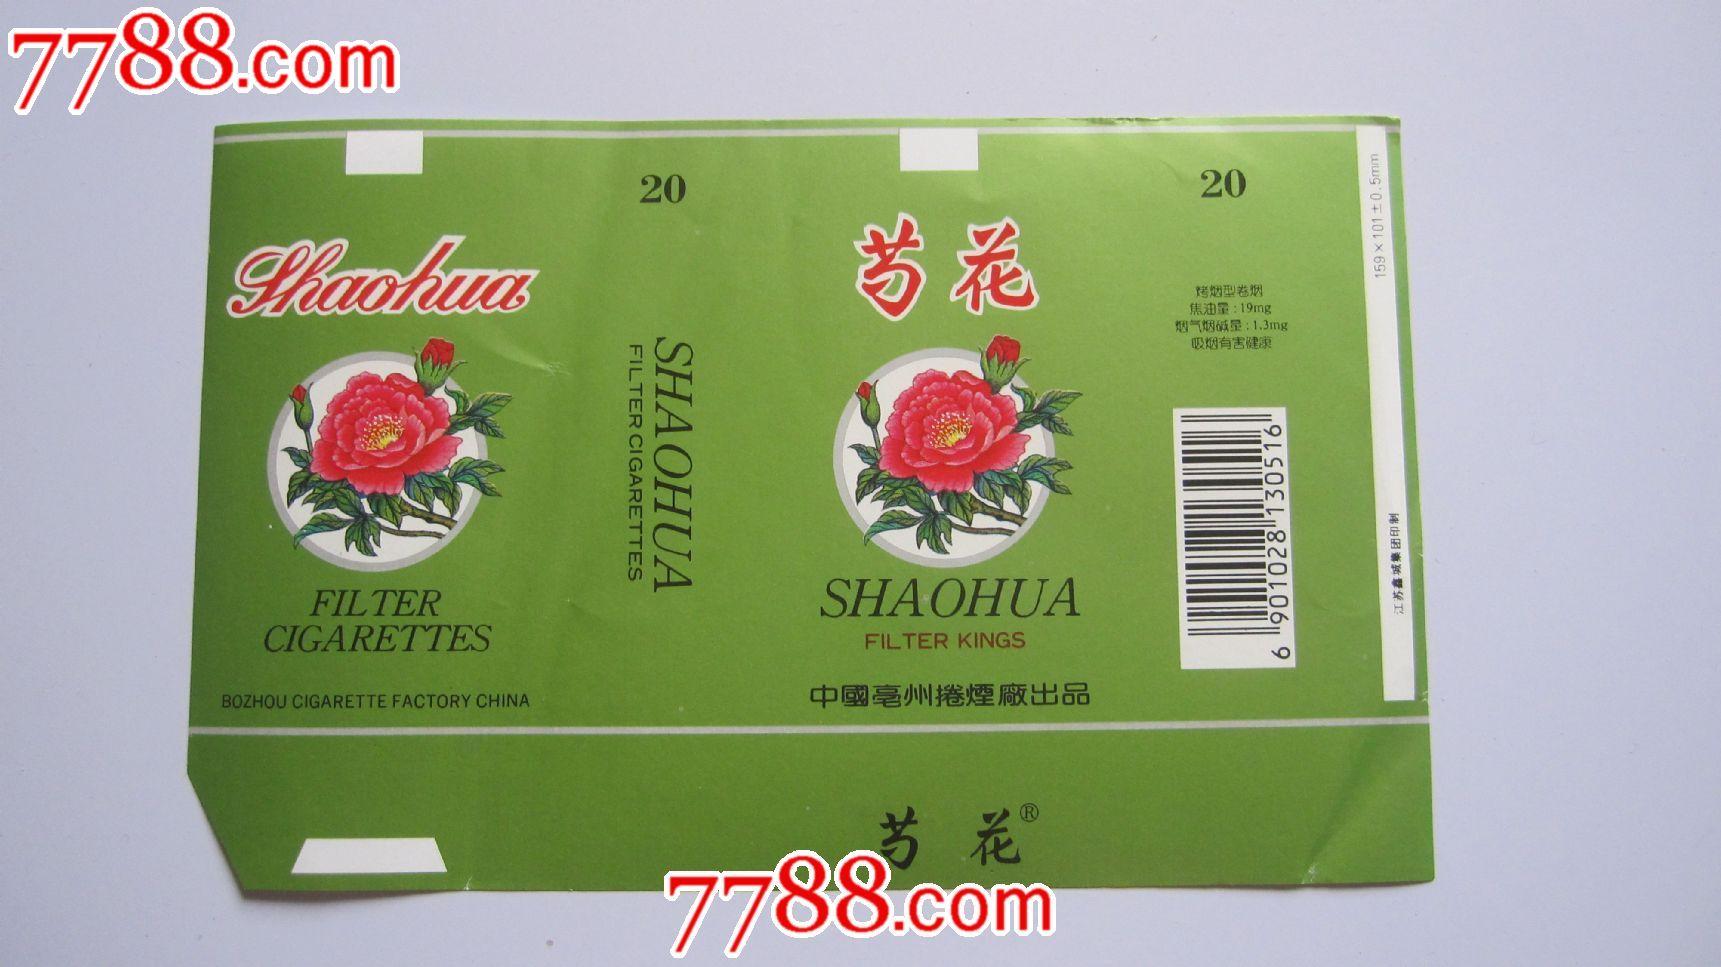 芍花-毫州卷烟厂_价格1.5元_第1张_中国收藏热线